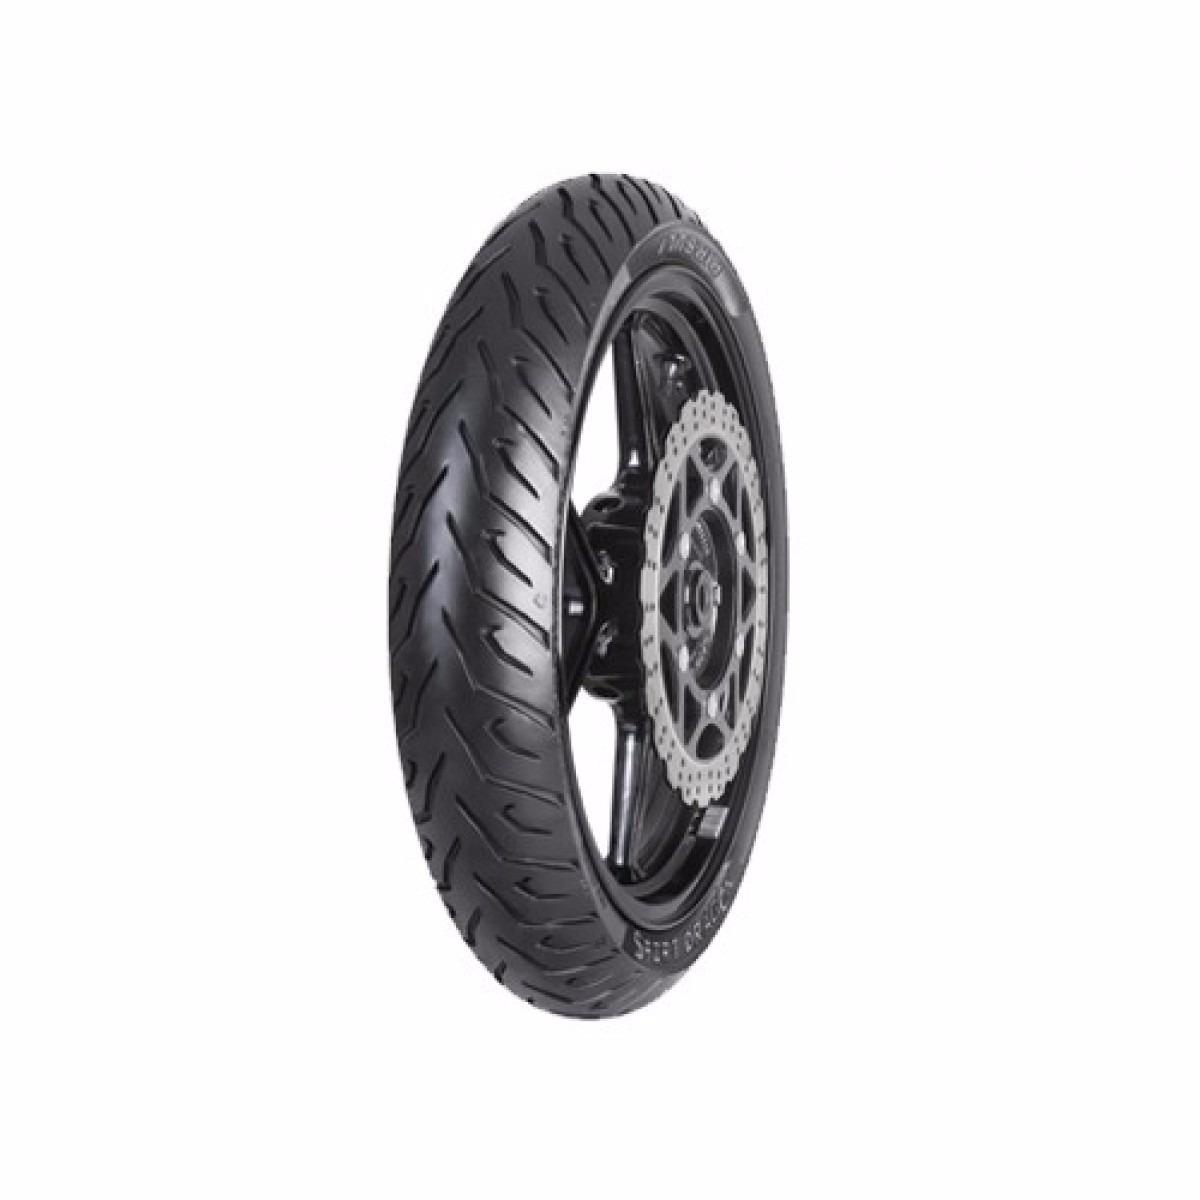 pneu moto pirelli 100 80 17 52s sport dragon dianteiro r 296 16 em mercado livre. Black Bedroom Furniture Sets. Home Design Ideas